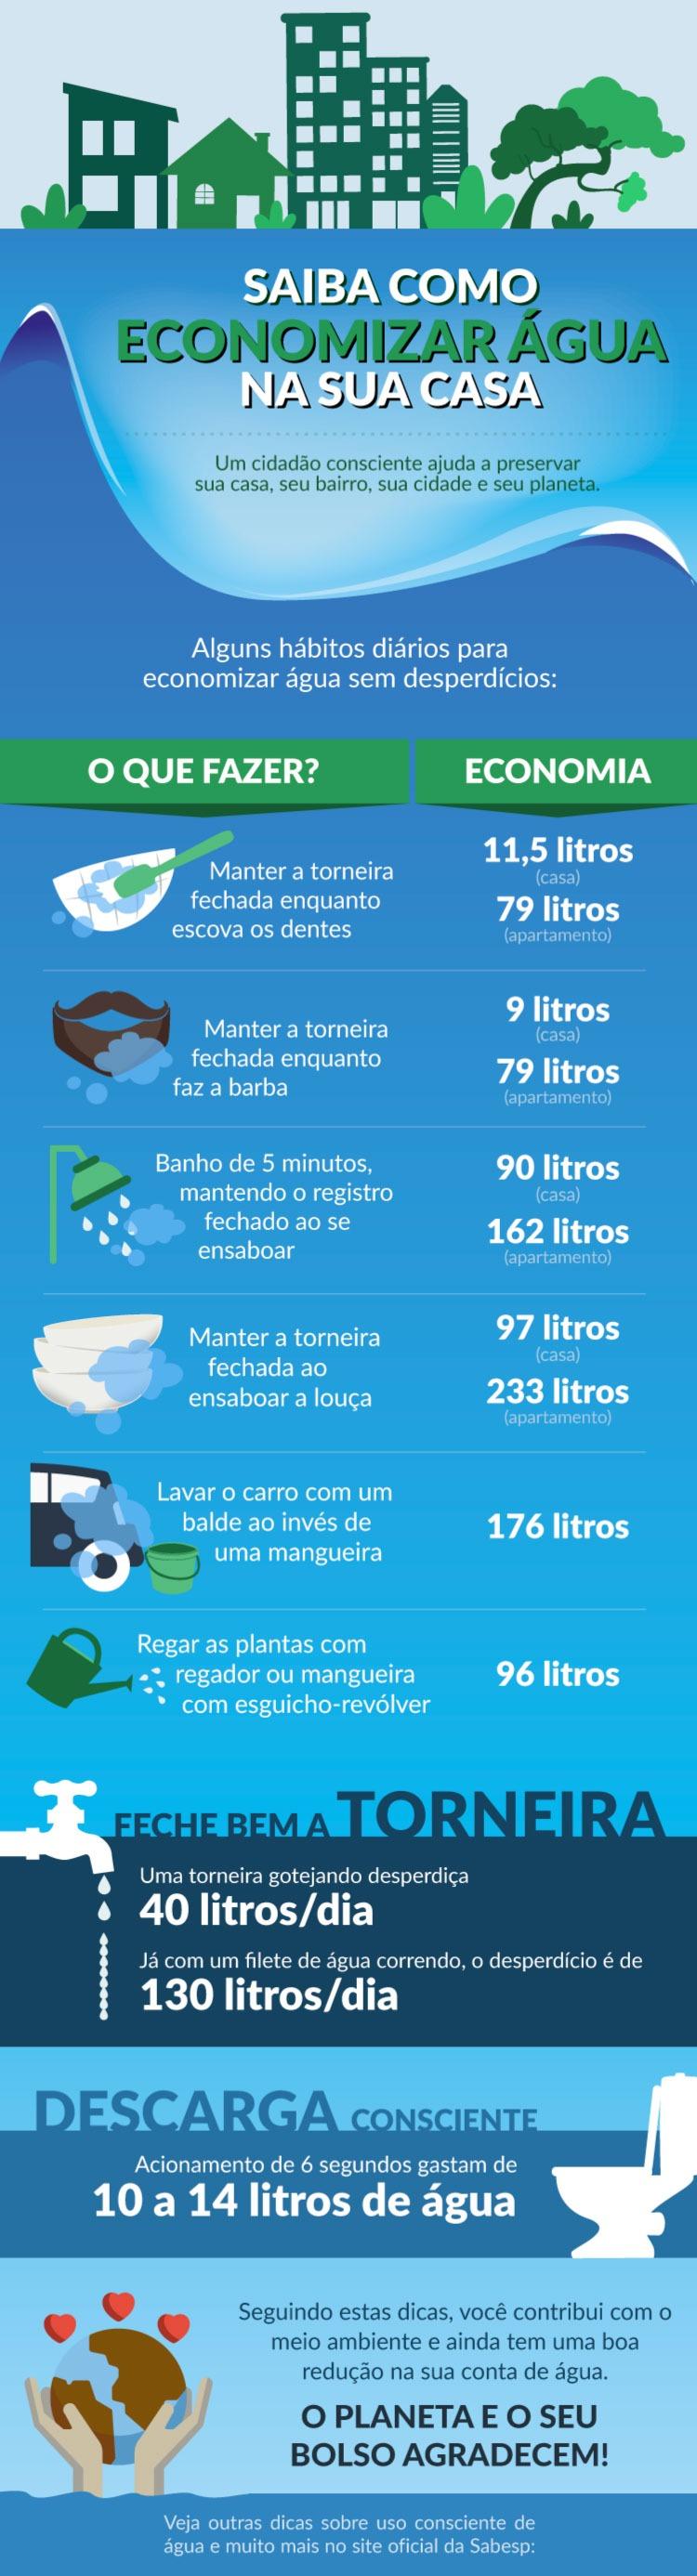 info-como-economizar-agua-em-casa-crop-u344